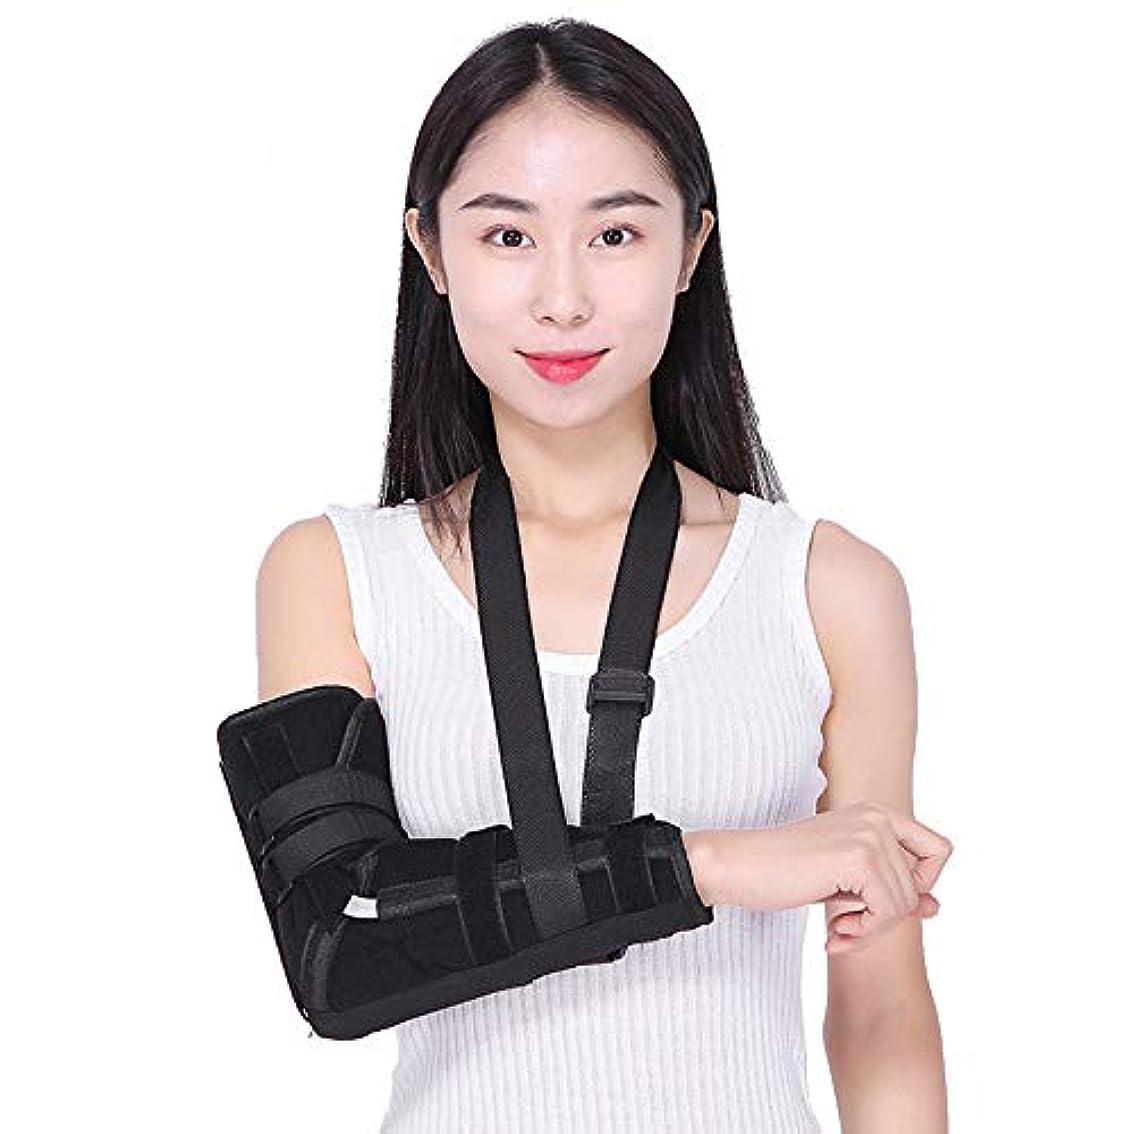 肘副腕ブレースアームイモビライザー、腕骨折プレート固定サポートストラップ、調節可能ストラップ付き肘および上腕骨脱臼用